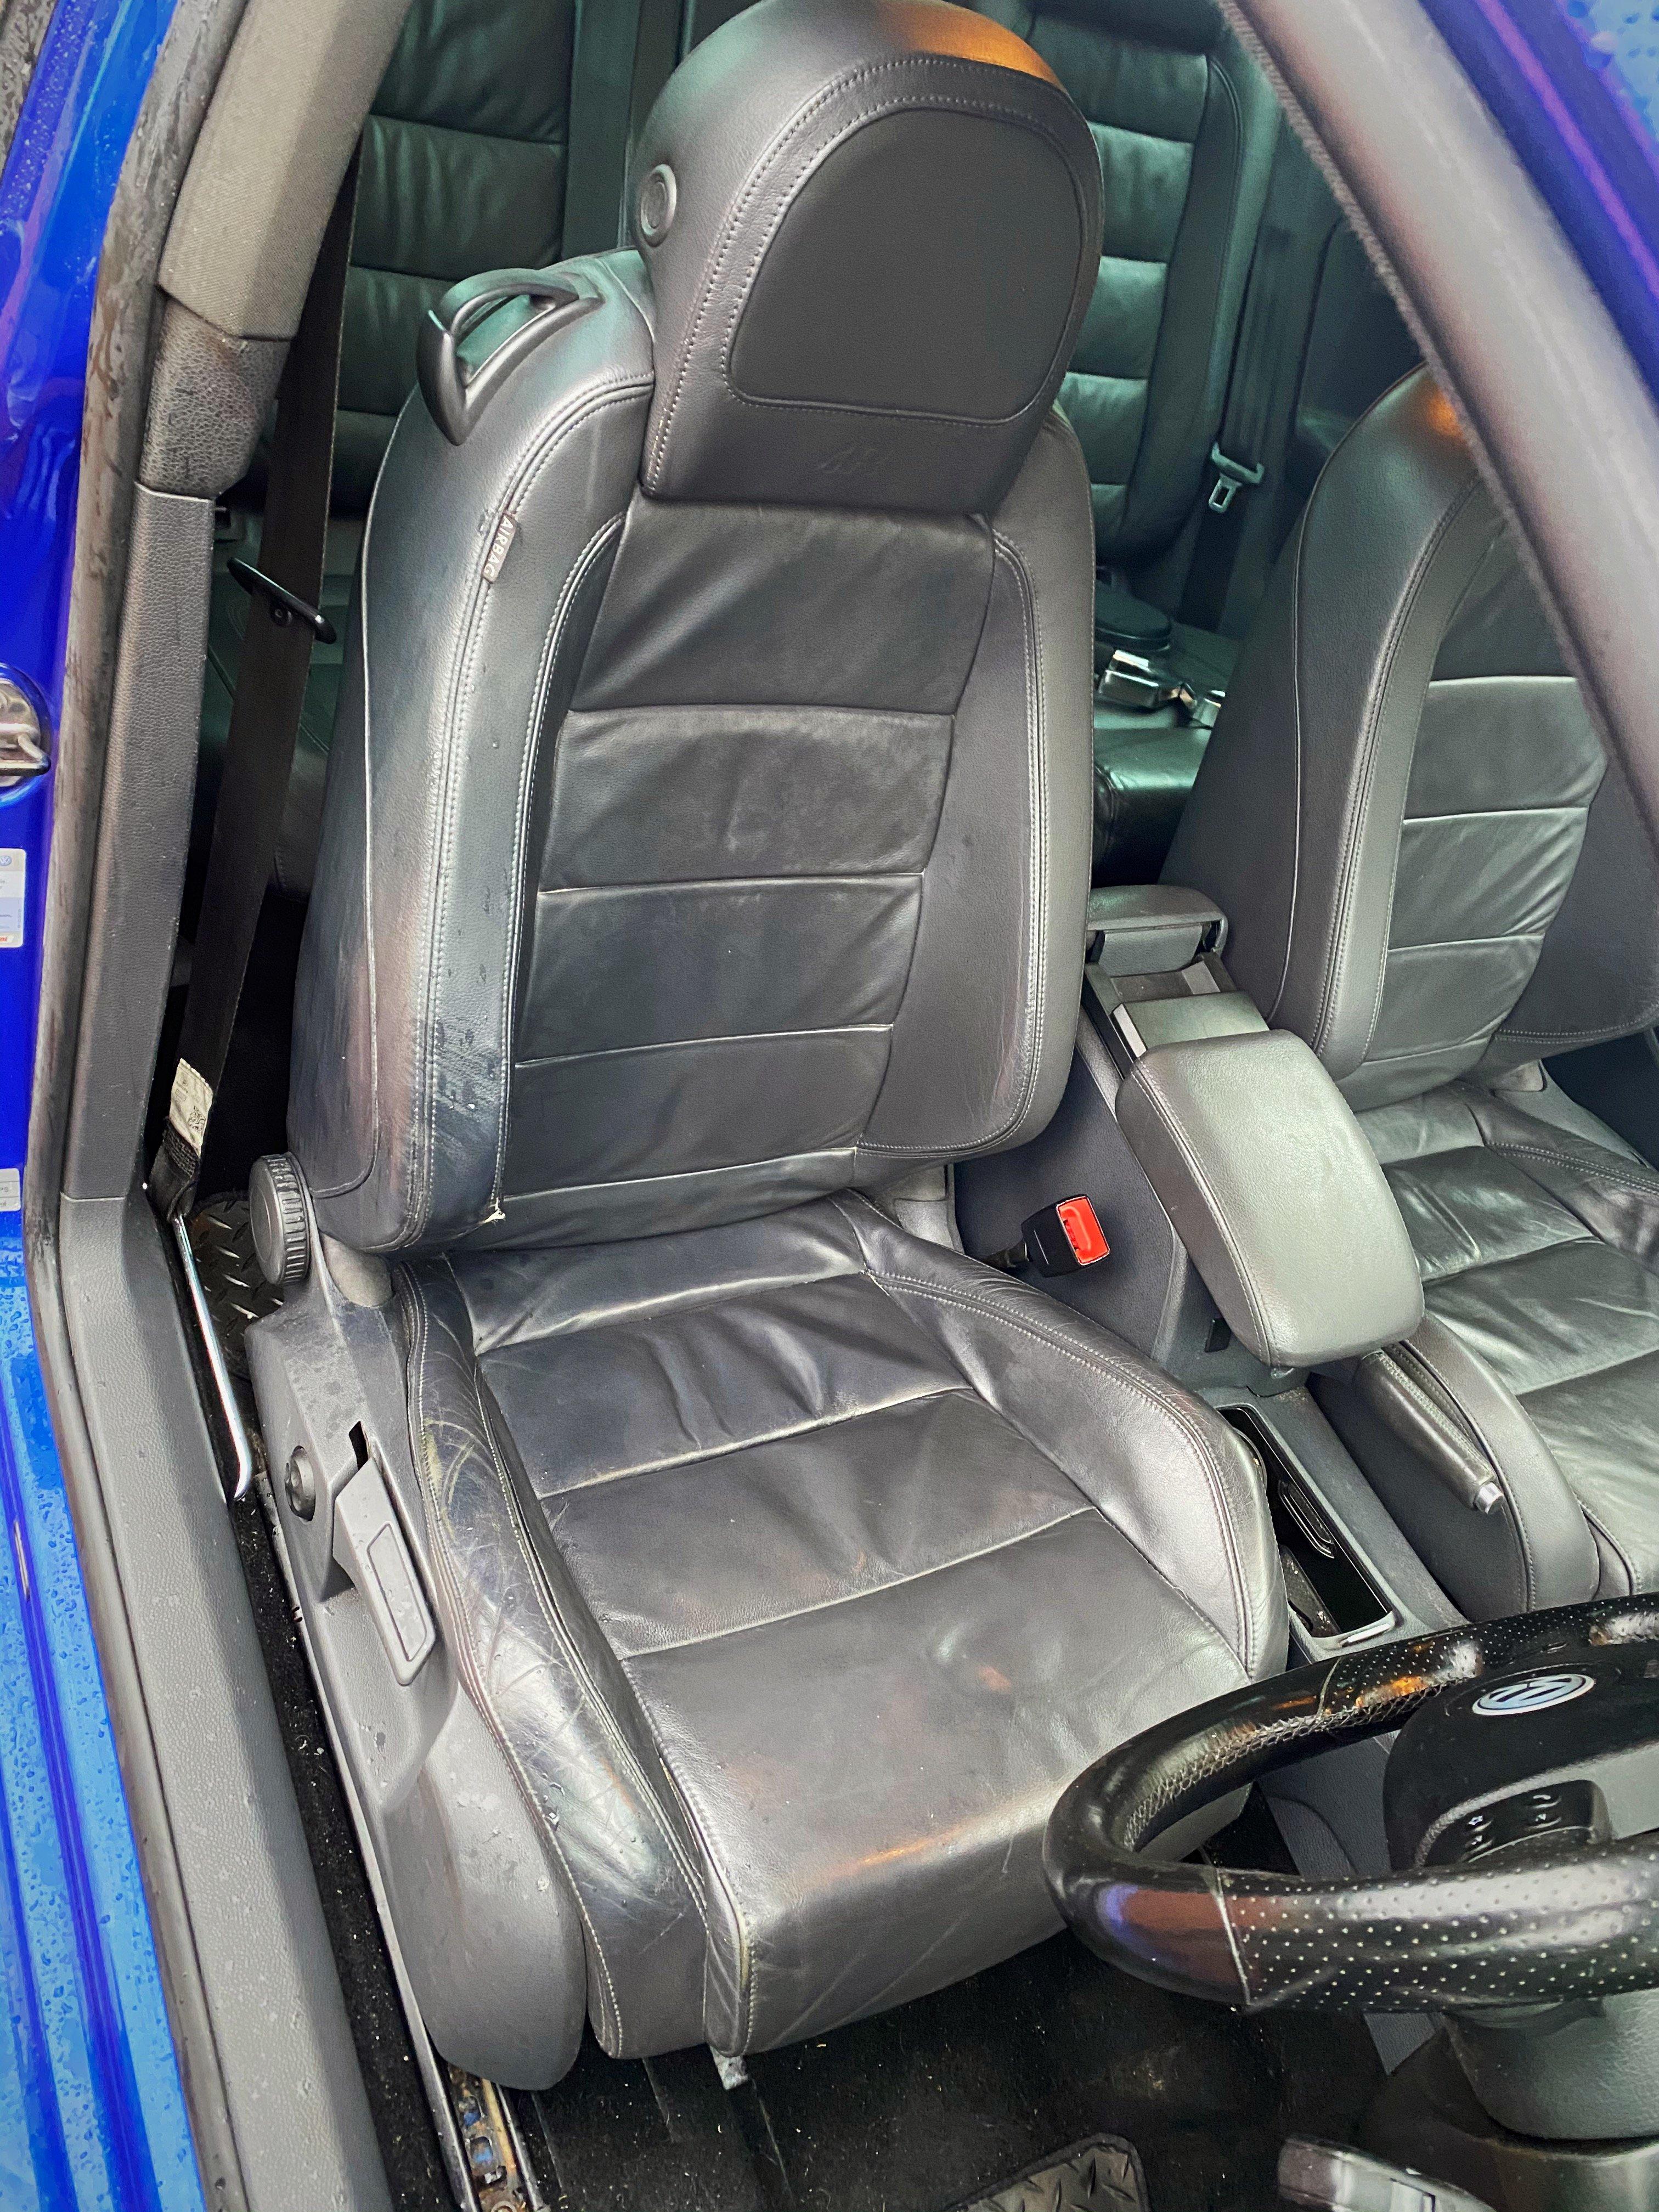 2007 Volkswagen Golf R32 MK5 3 Door DSG Low Miles For Sale (picture 5 of 9)